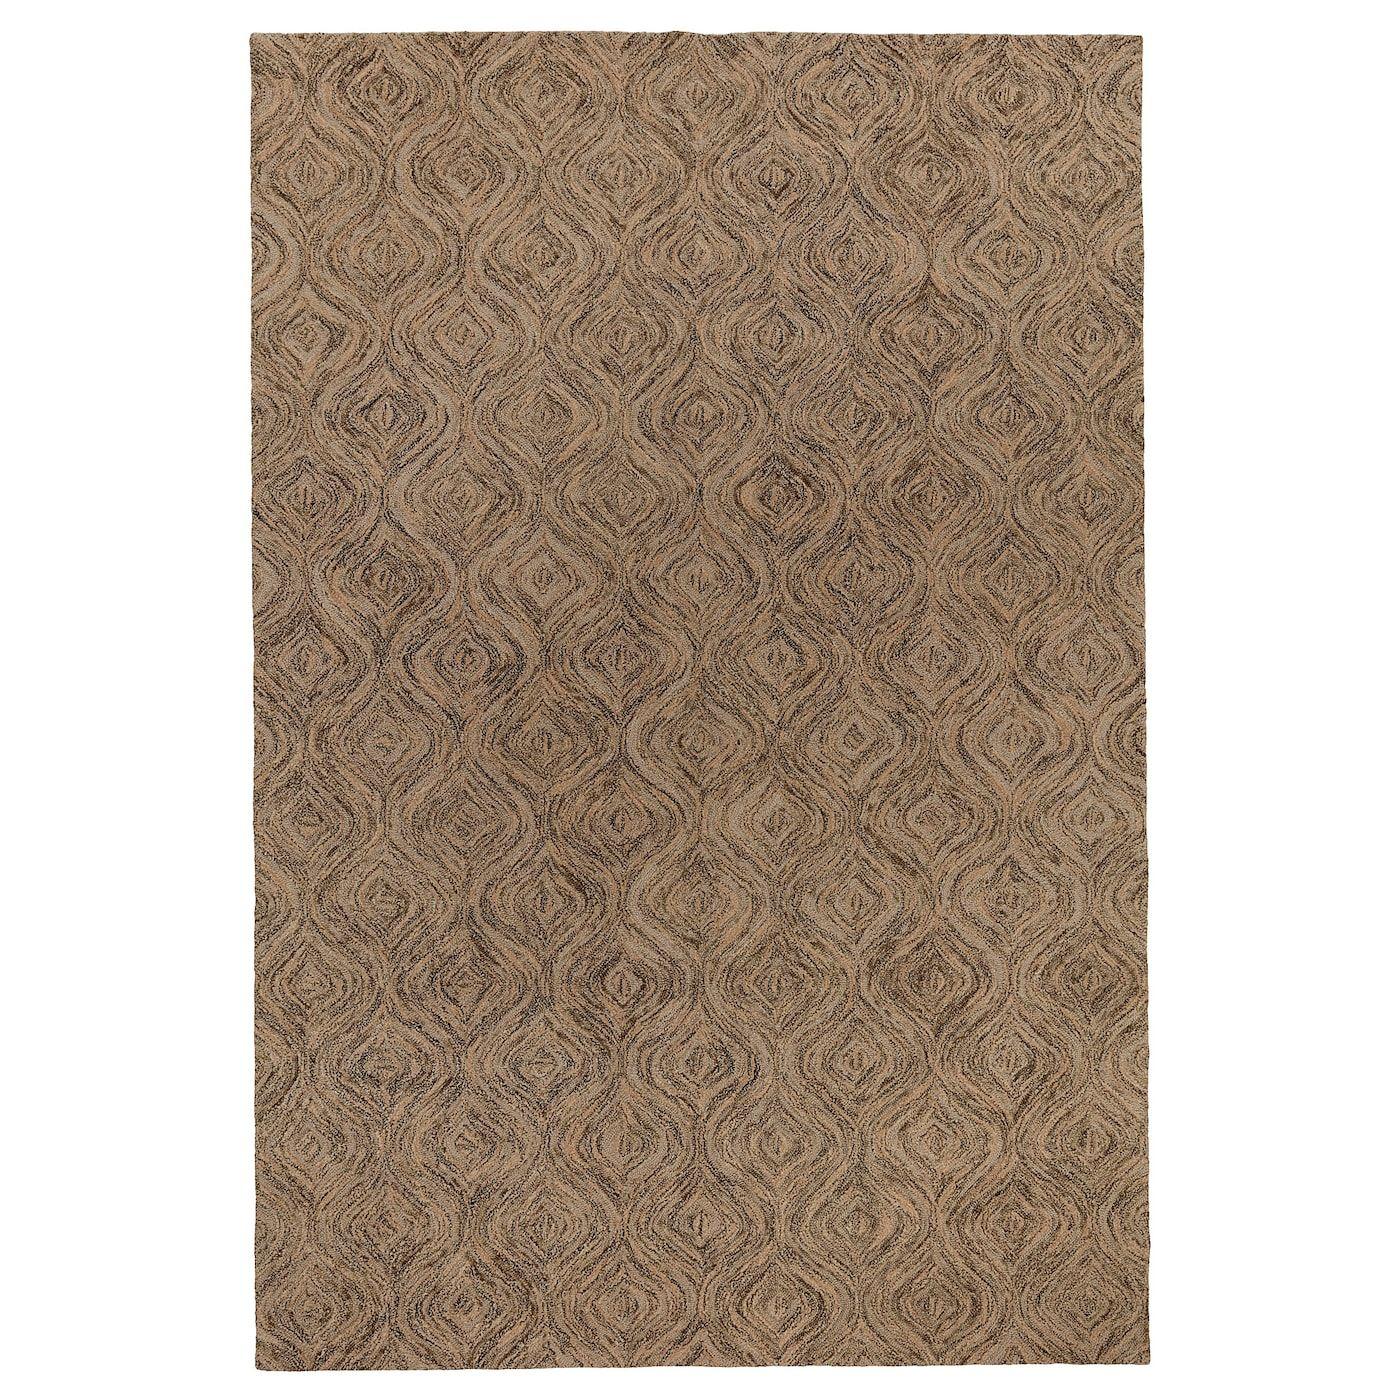 Gunderup Rug Beige Ikea In 2020 Rugs Medium Rugs How To Clean Carpet